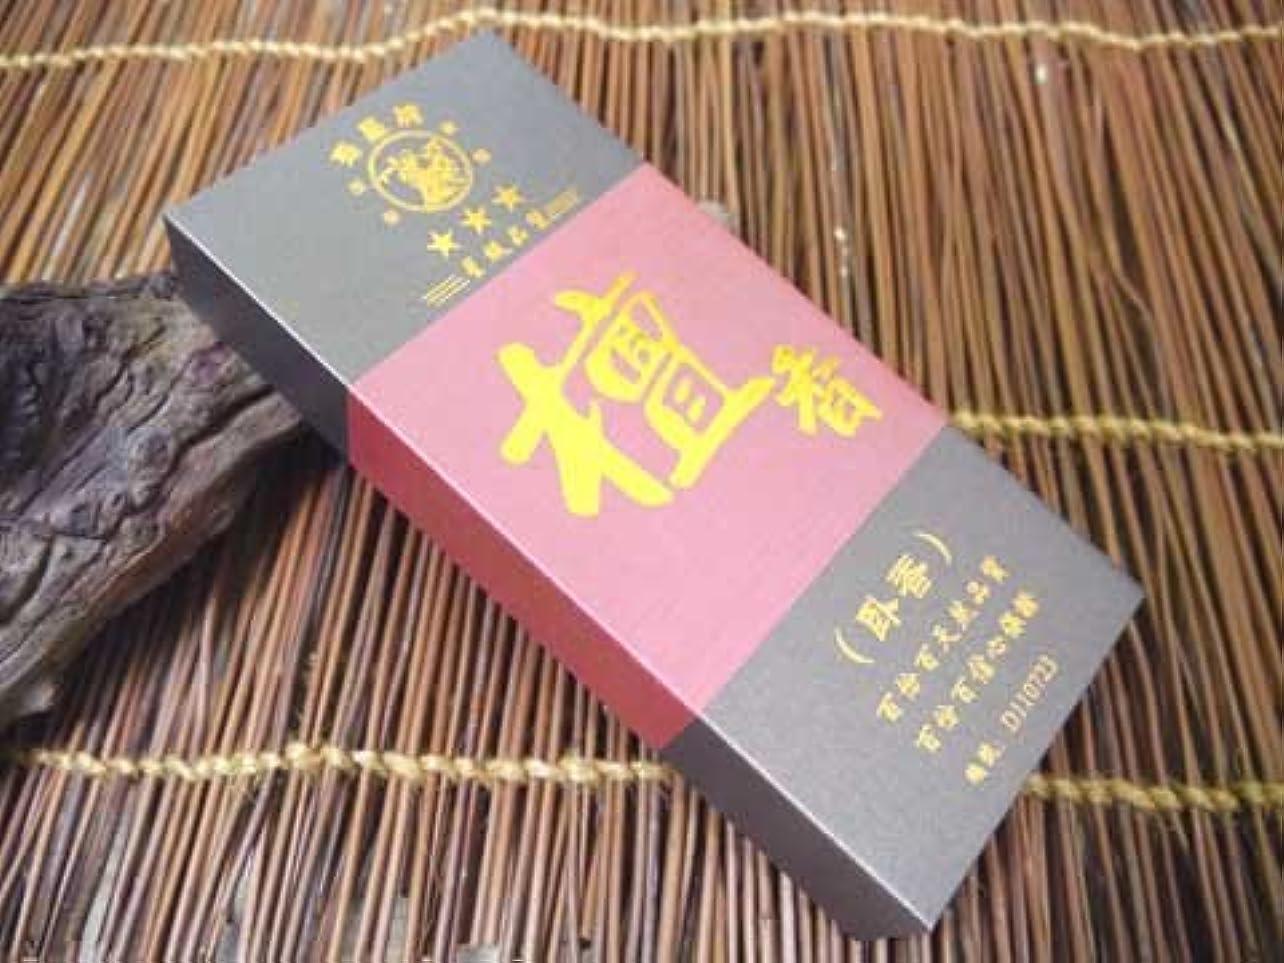 水銀の面積エレガント寿星牌 中国広州のお香【檀香】寿星牌謹製